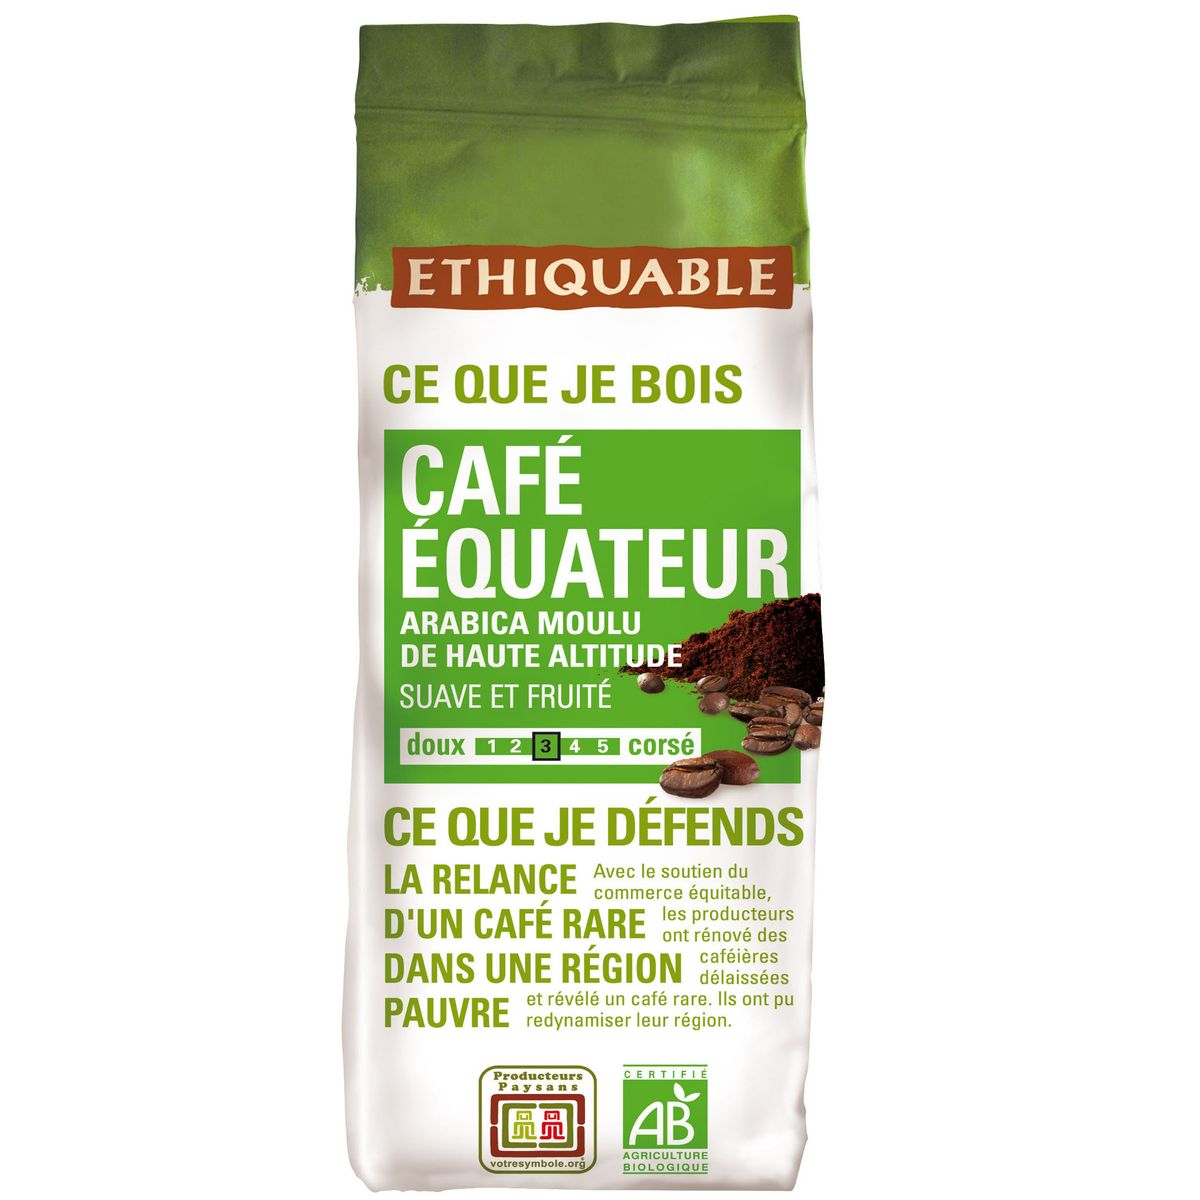 Ethiquable Café équateur, bio, 250g : houra.fr